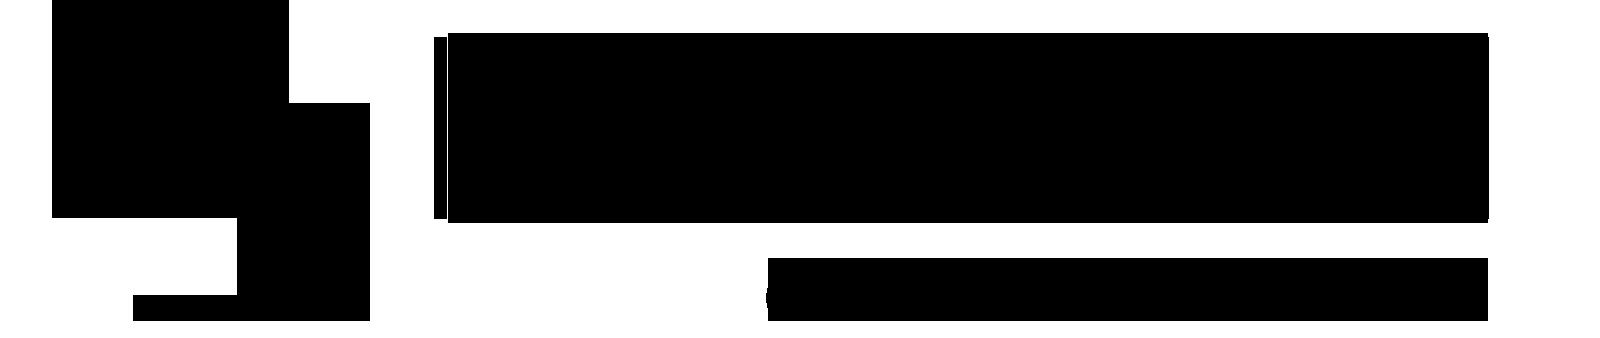 immagini di marco pugliese fotografo videomaker borgosesia vercelli